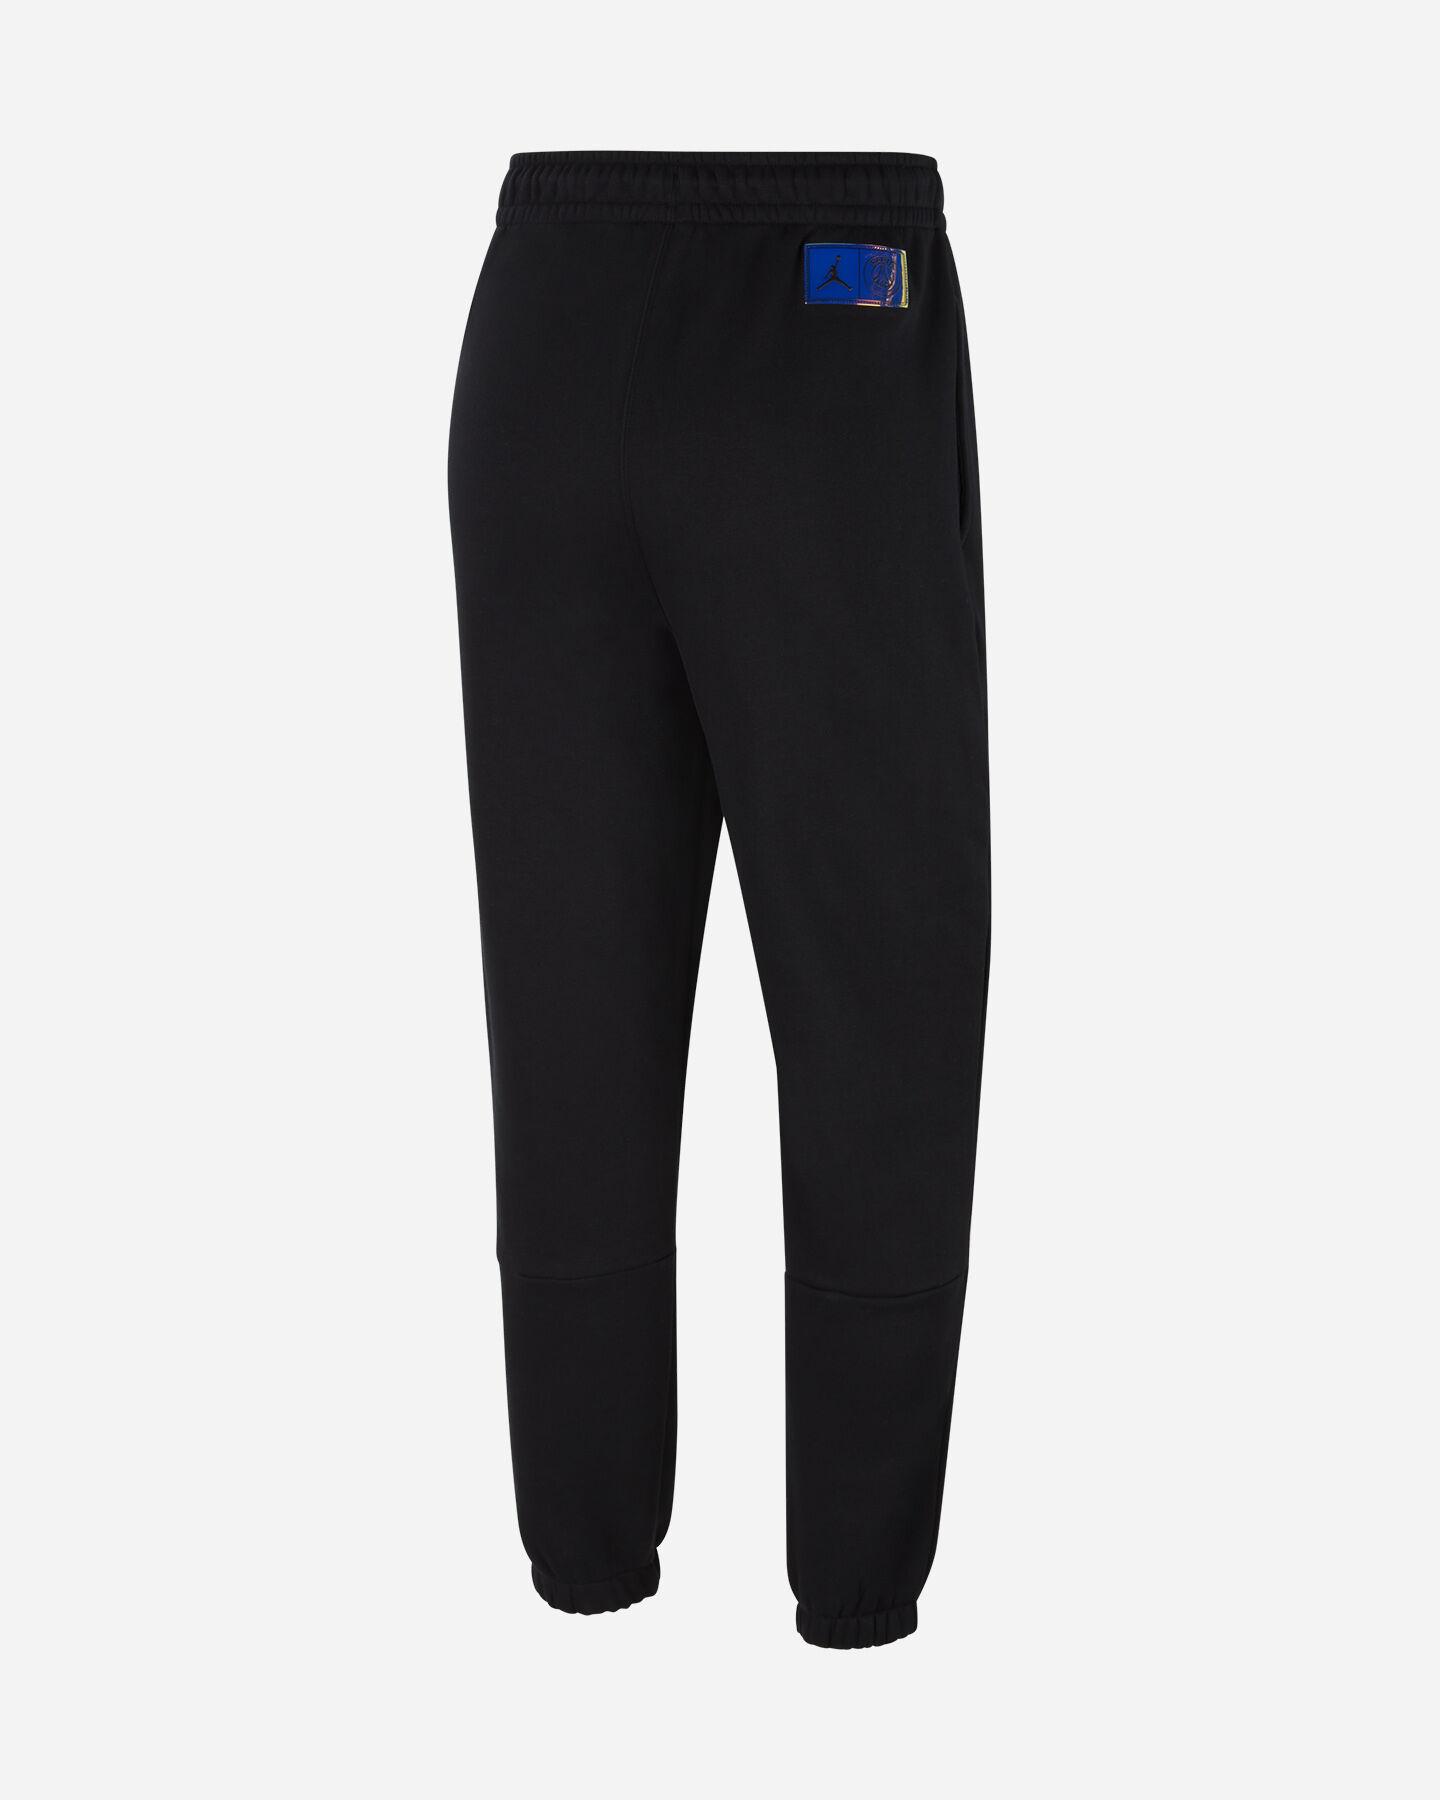 Pantalone NIKE JORDAN PSG M S5267640 scatto 1